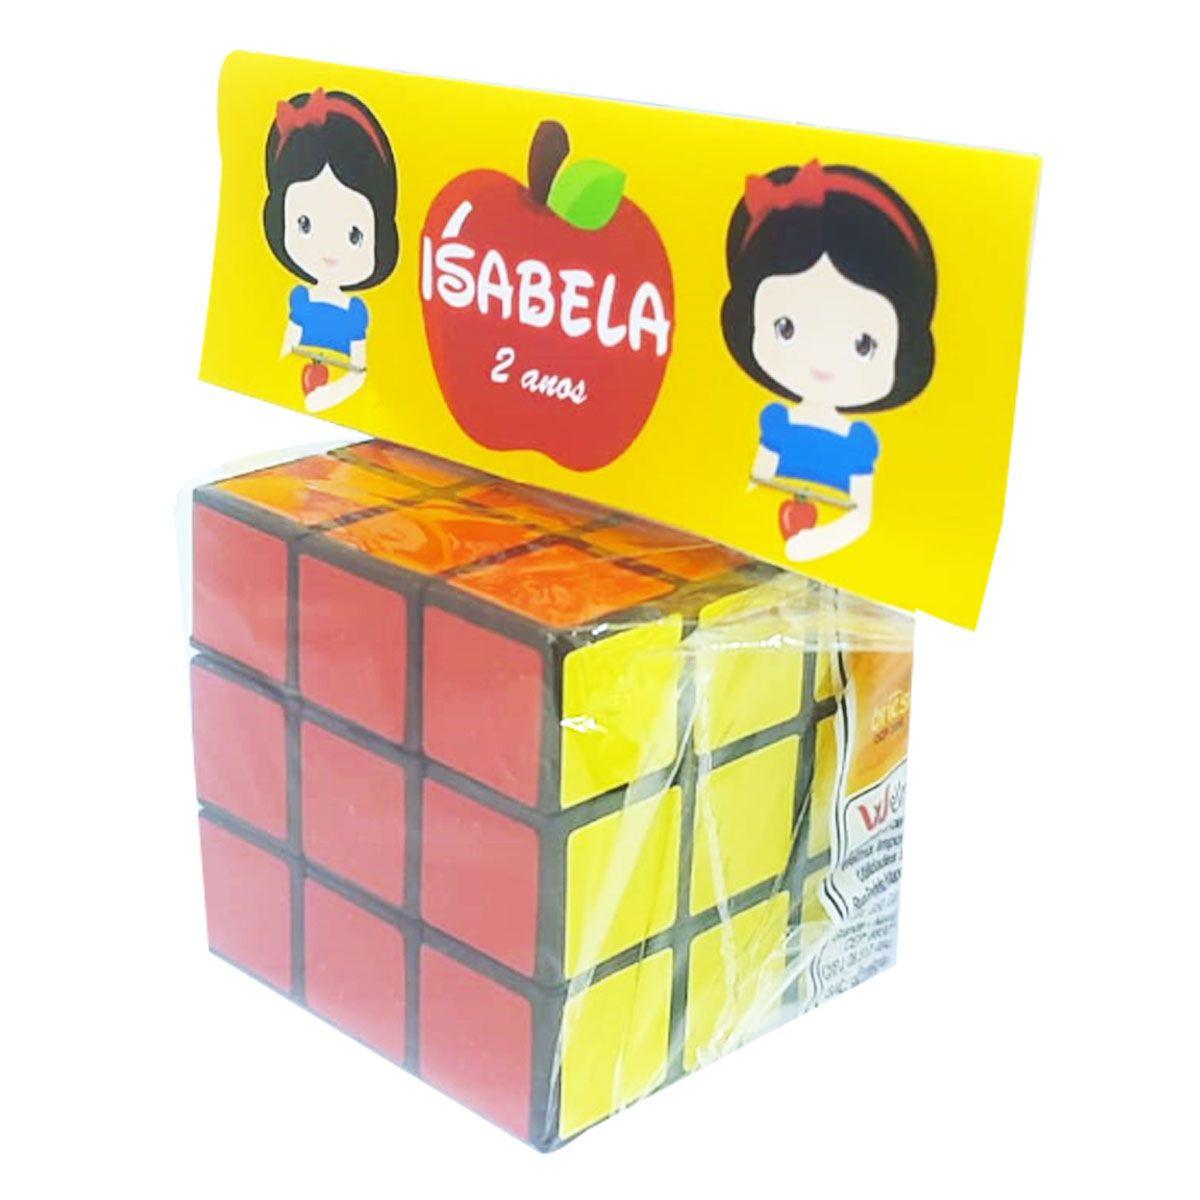 10x Cubo Mágico com Lapela - Pacote com 10 unidades